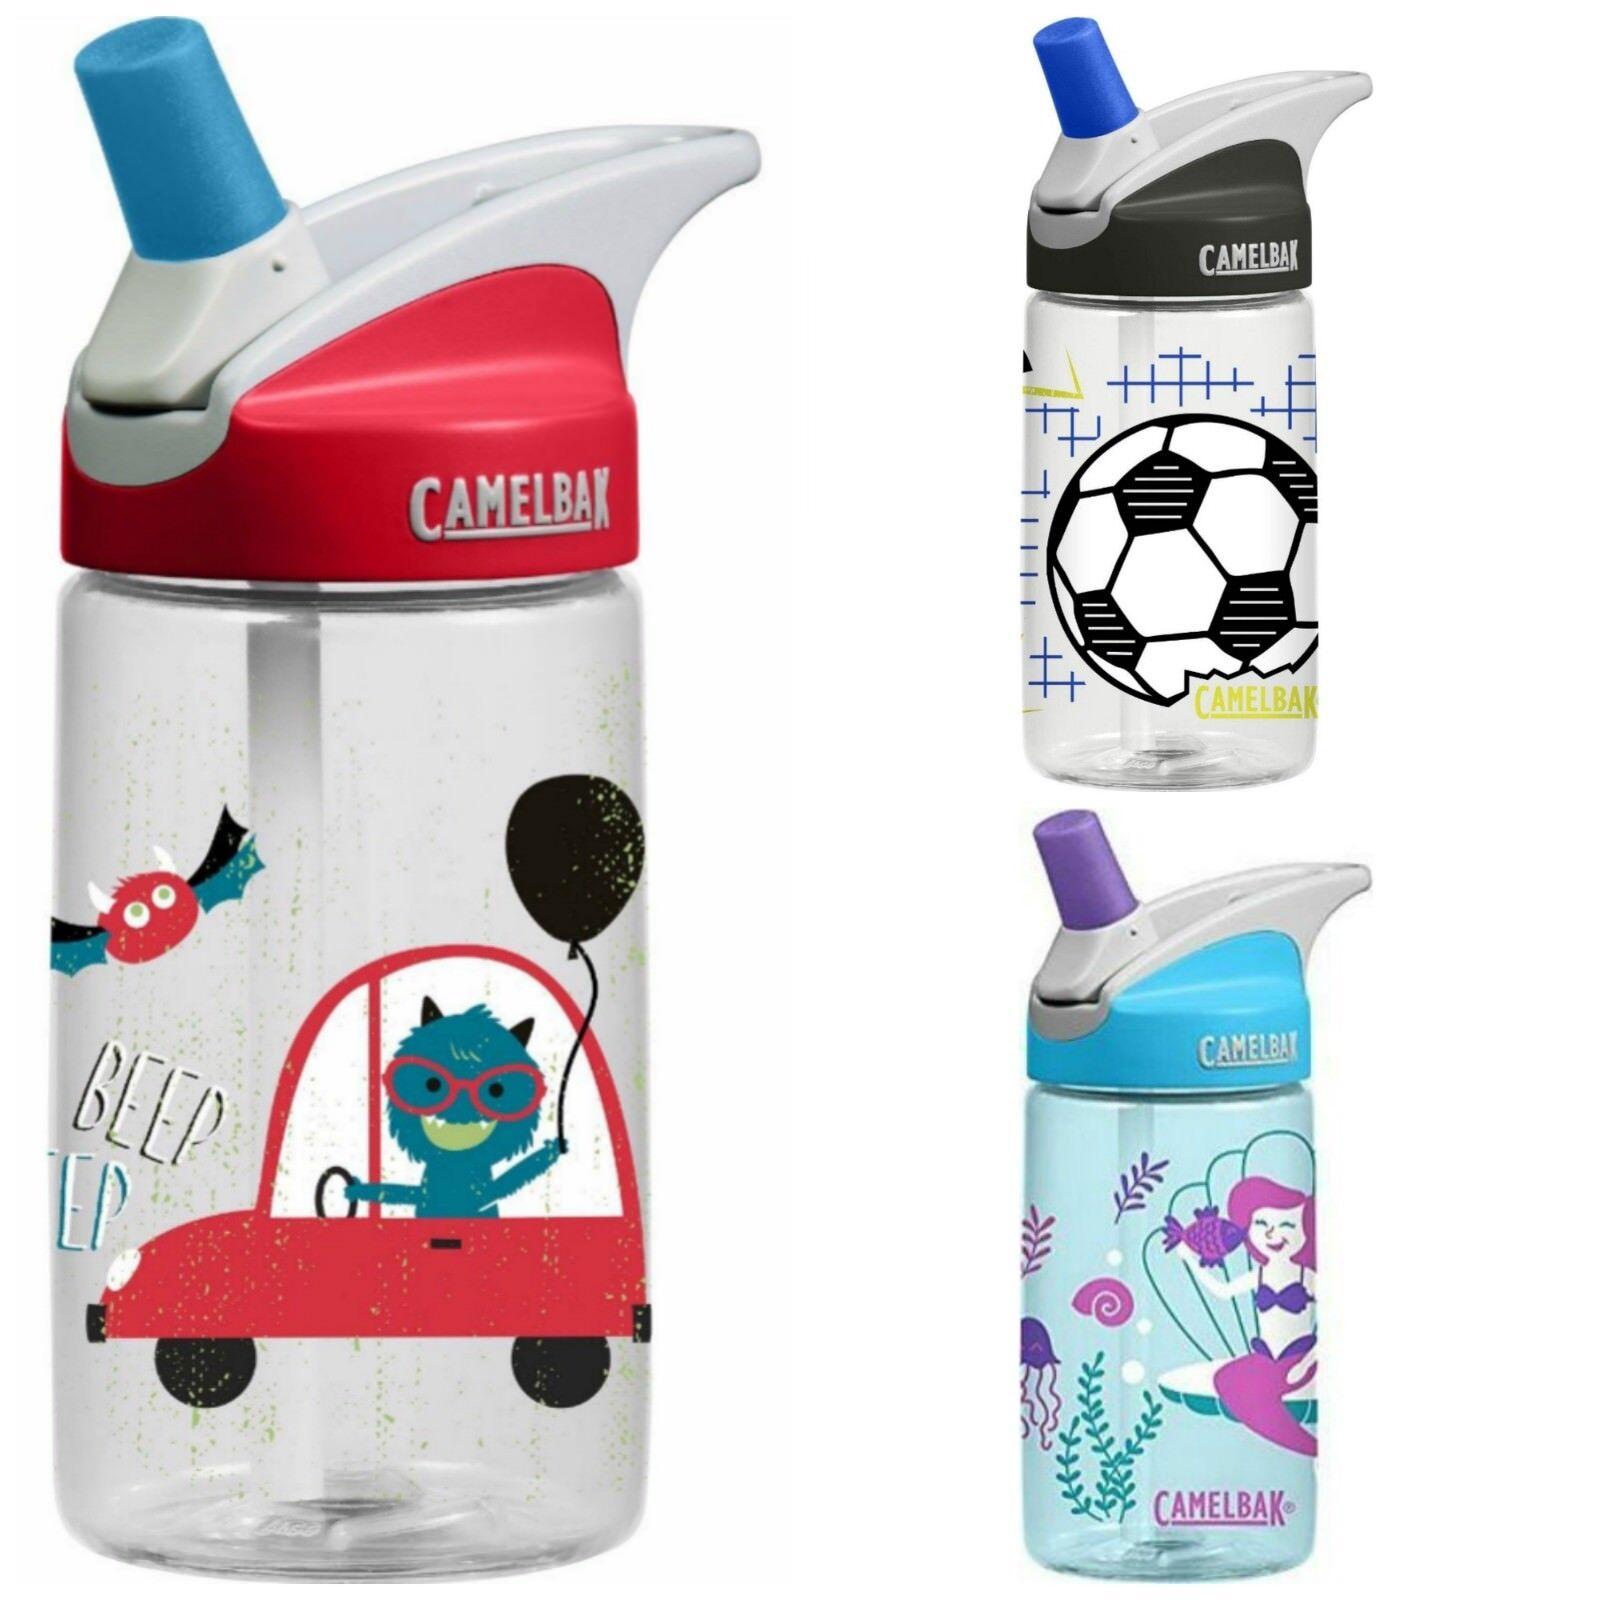 CamelBak Kid's Eddy Water Bottles .4-Liter Spill Proof BPA-F